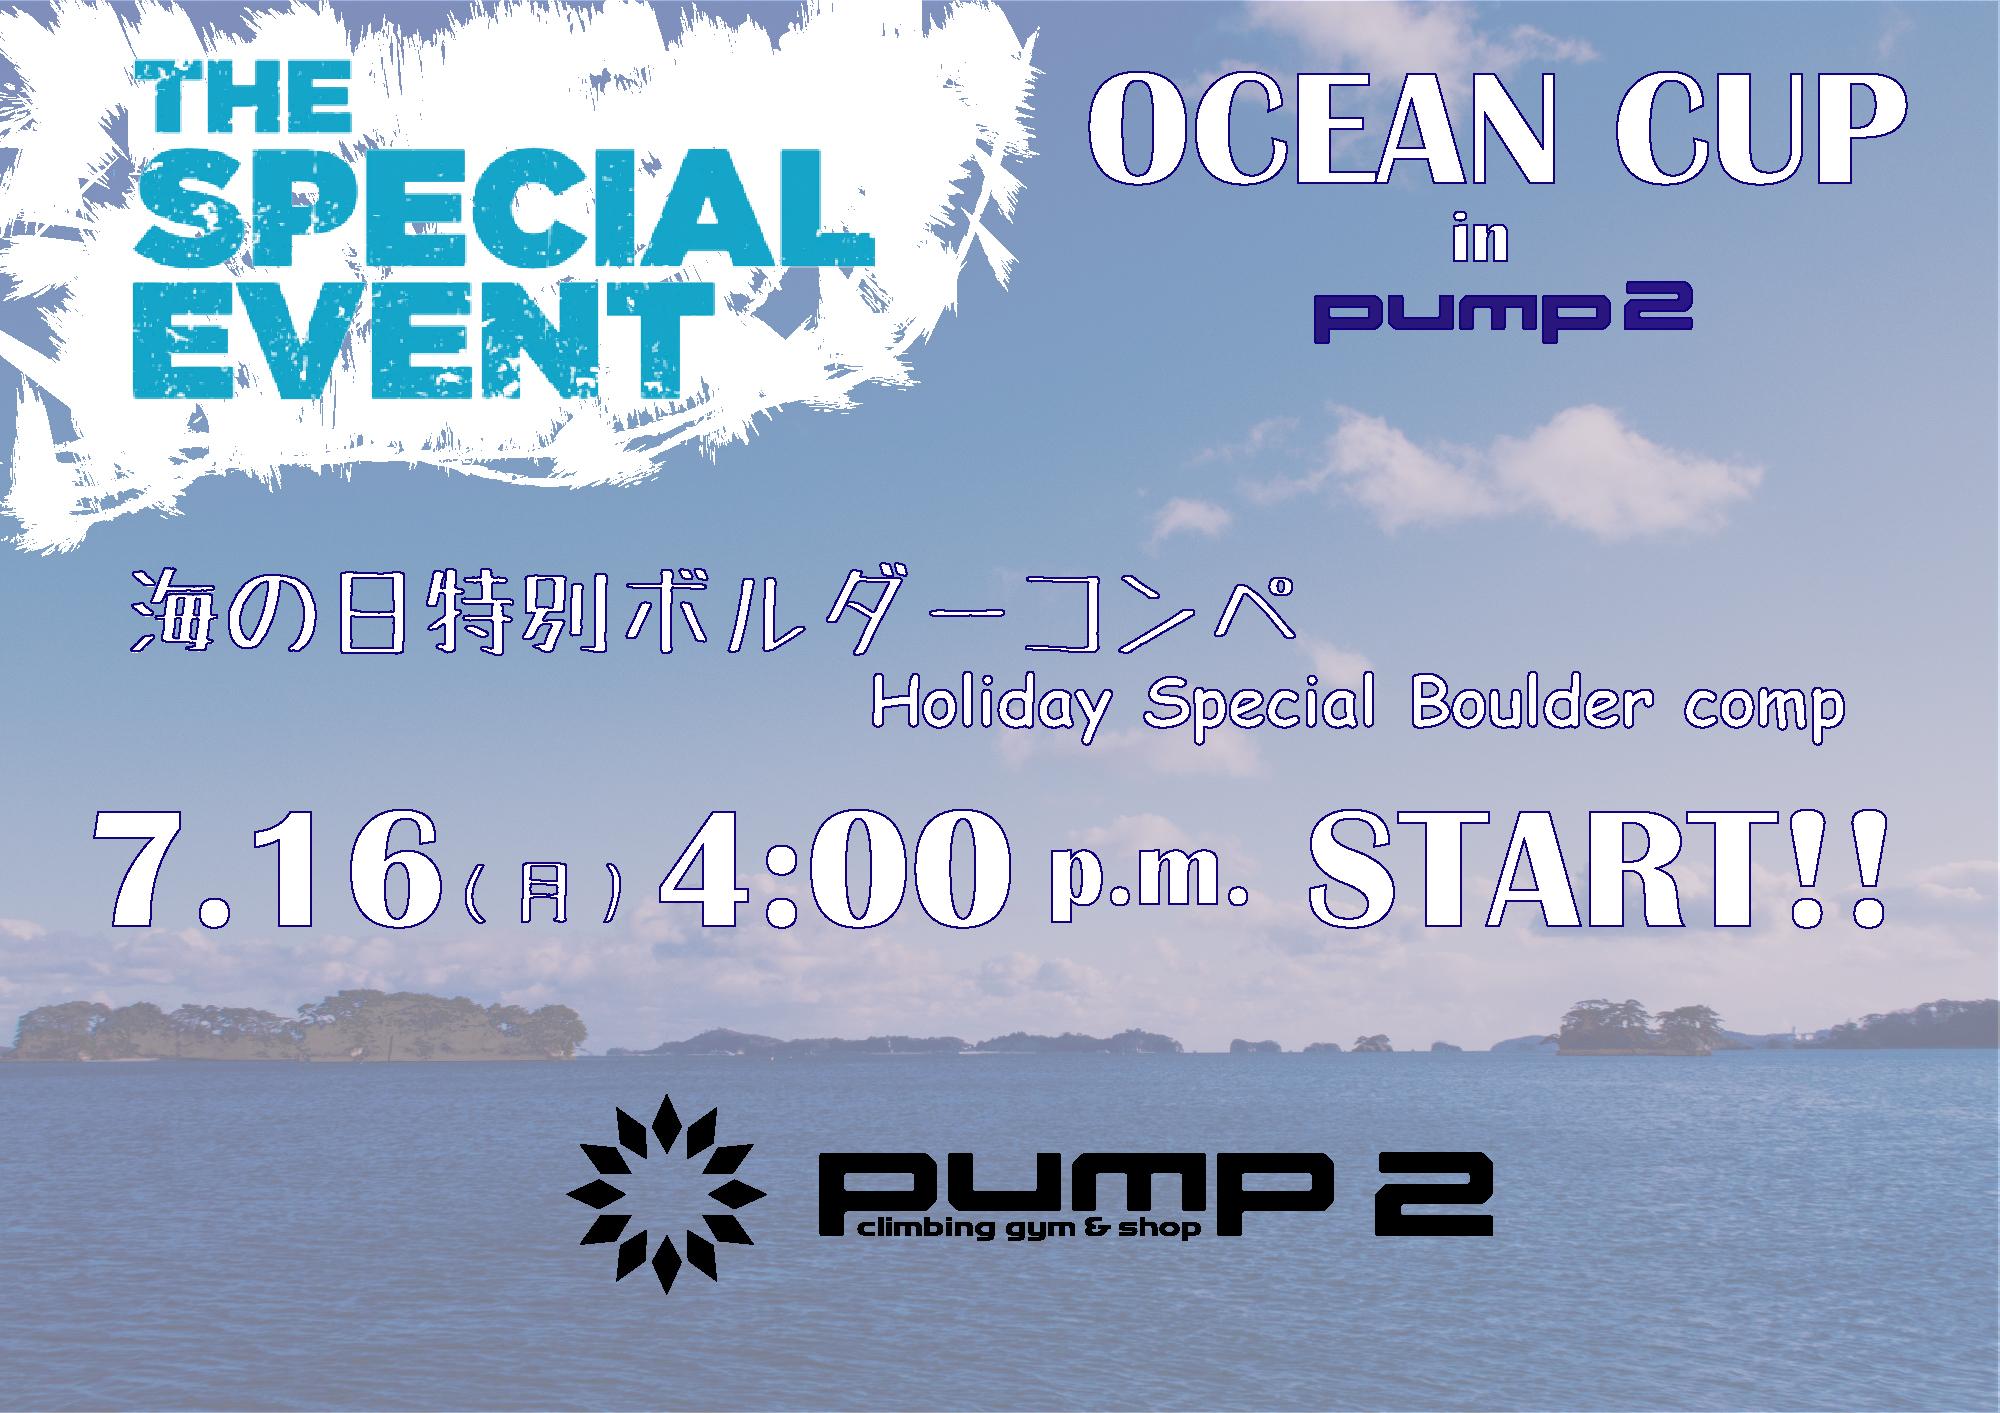 明日は海の日、月曜だから特別イベントします。